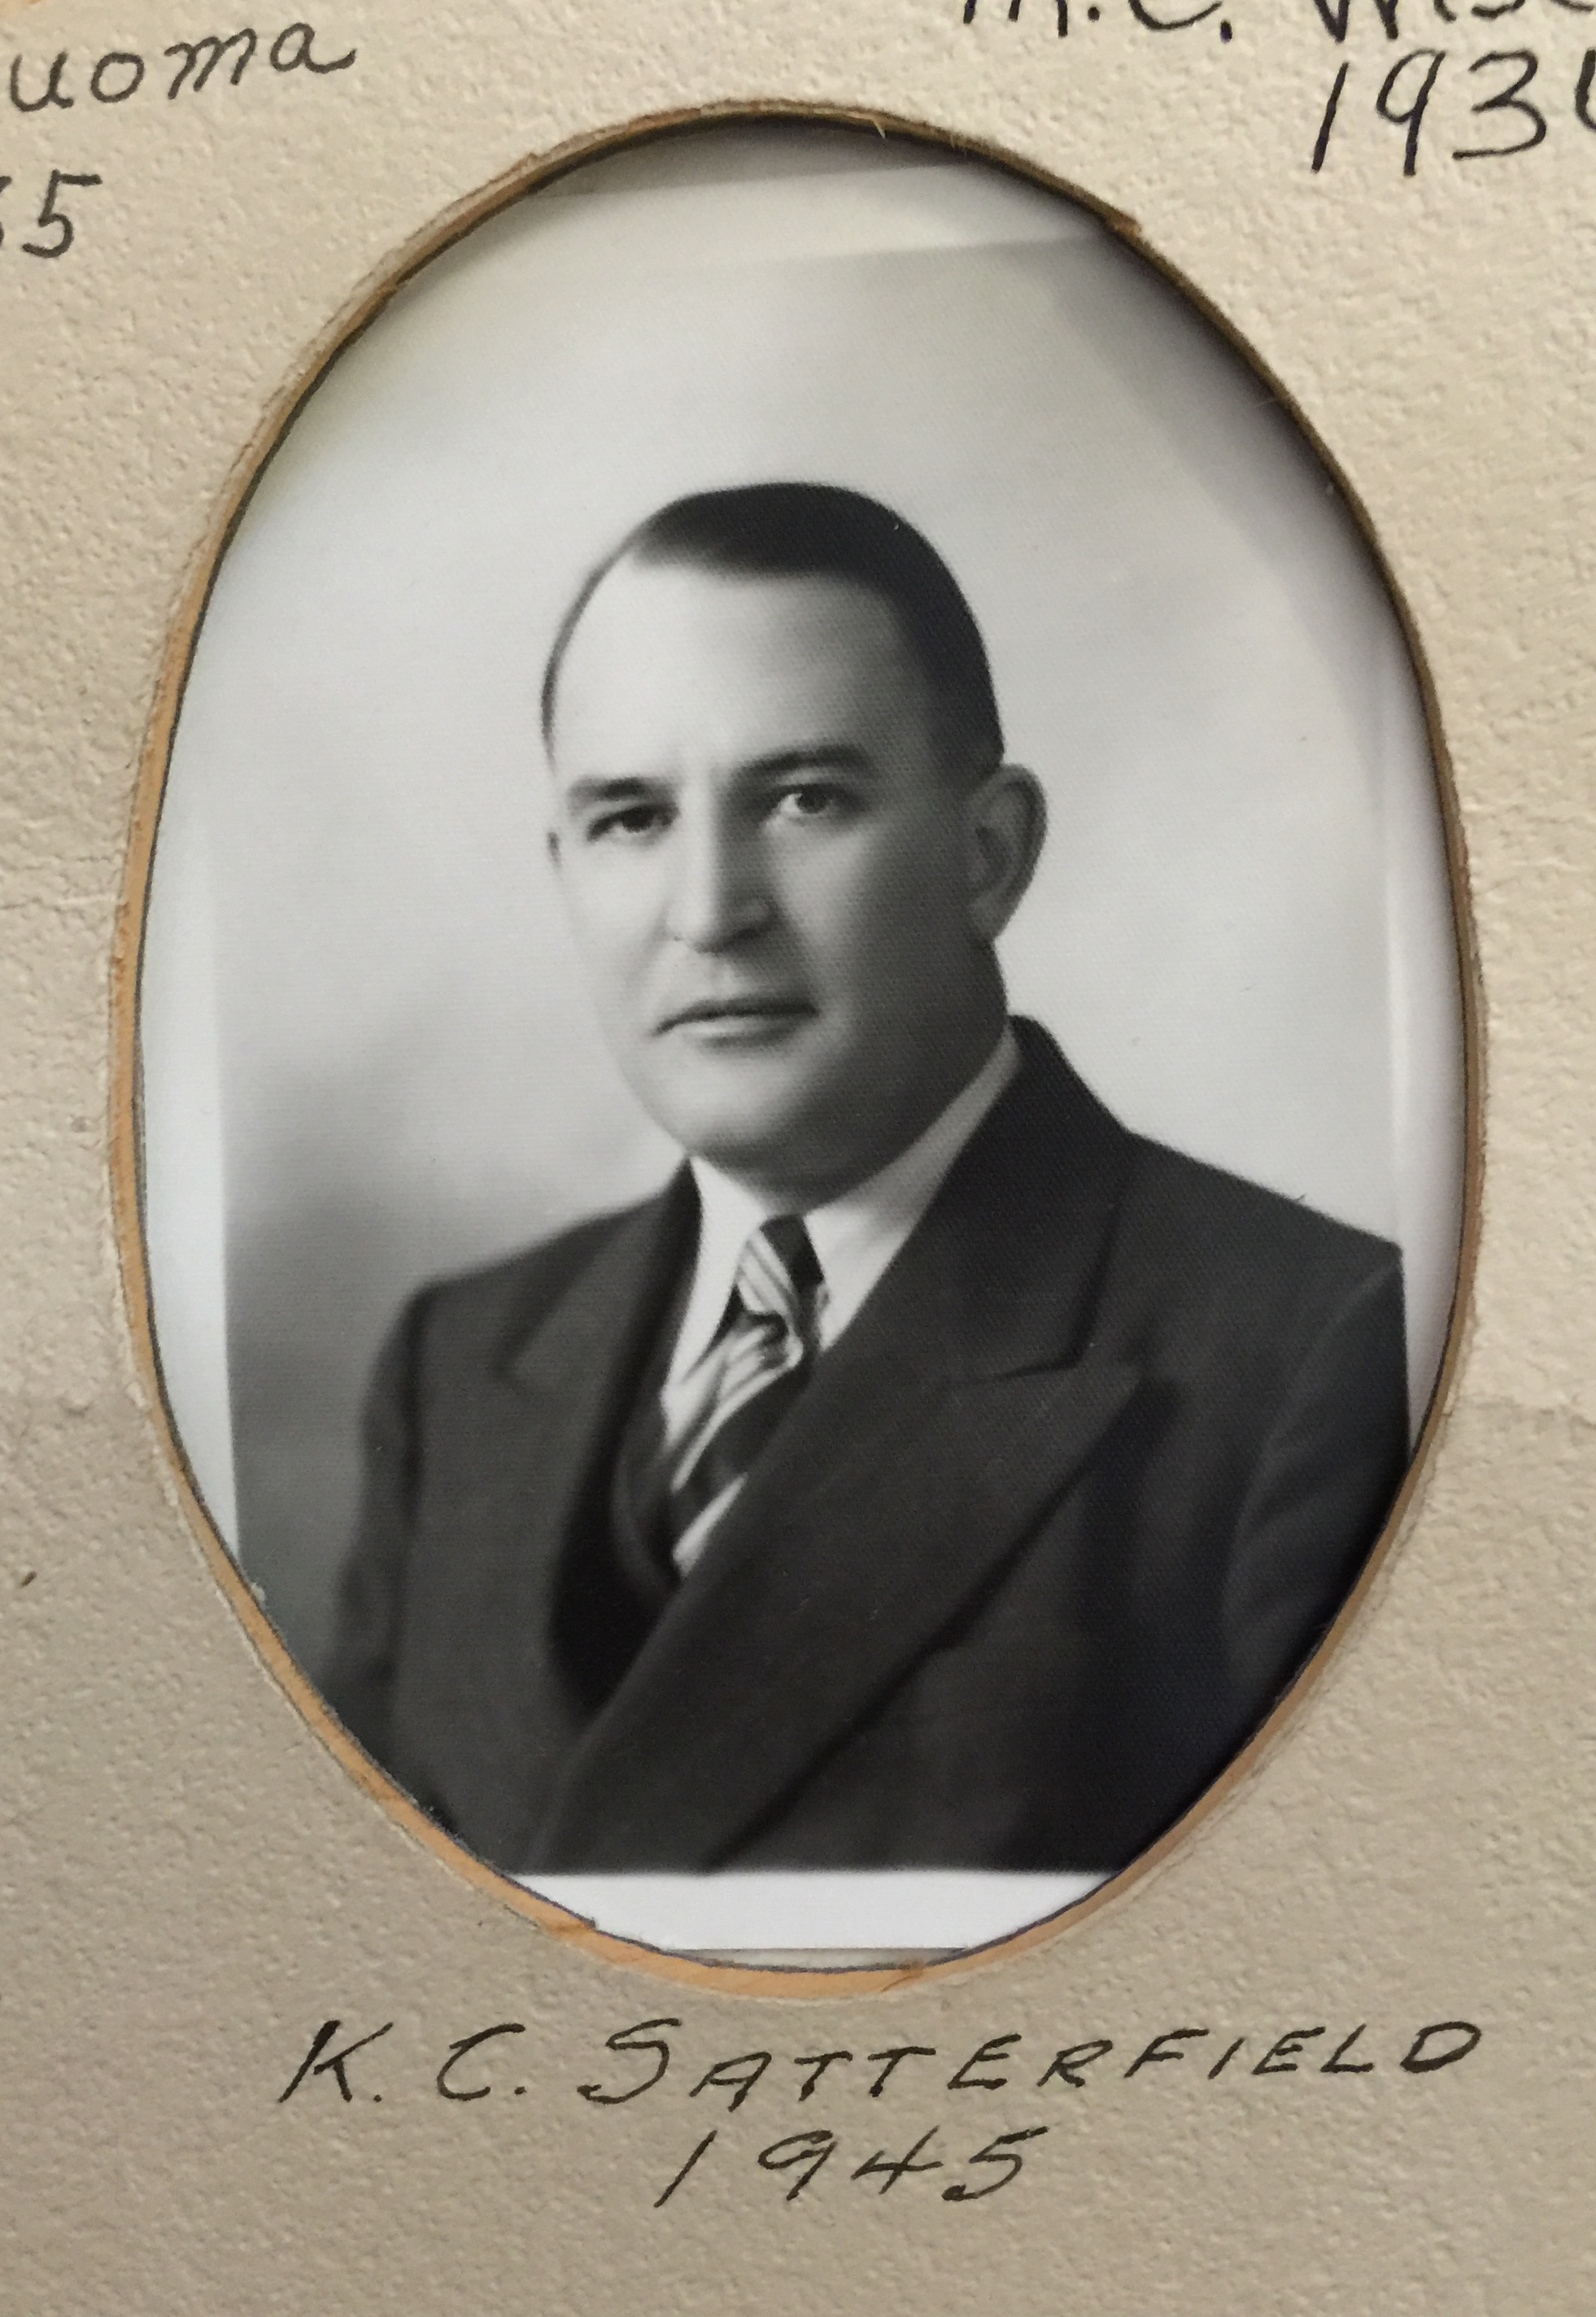 1945 K.C. Satterfield